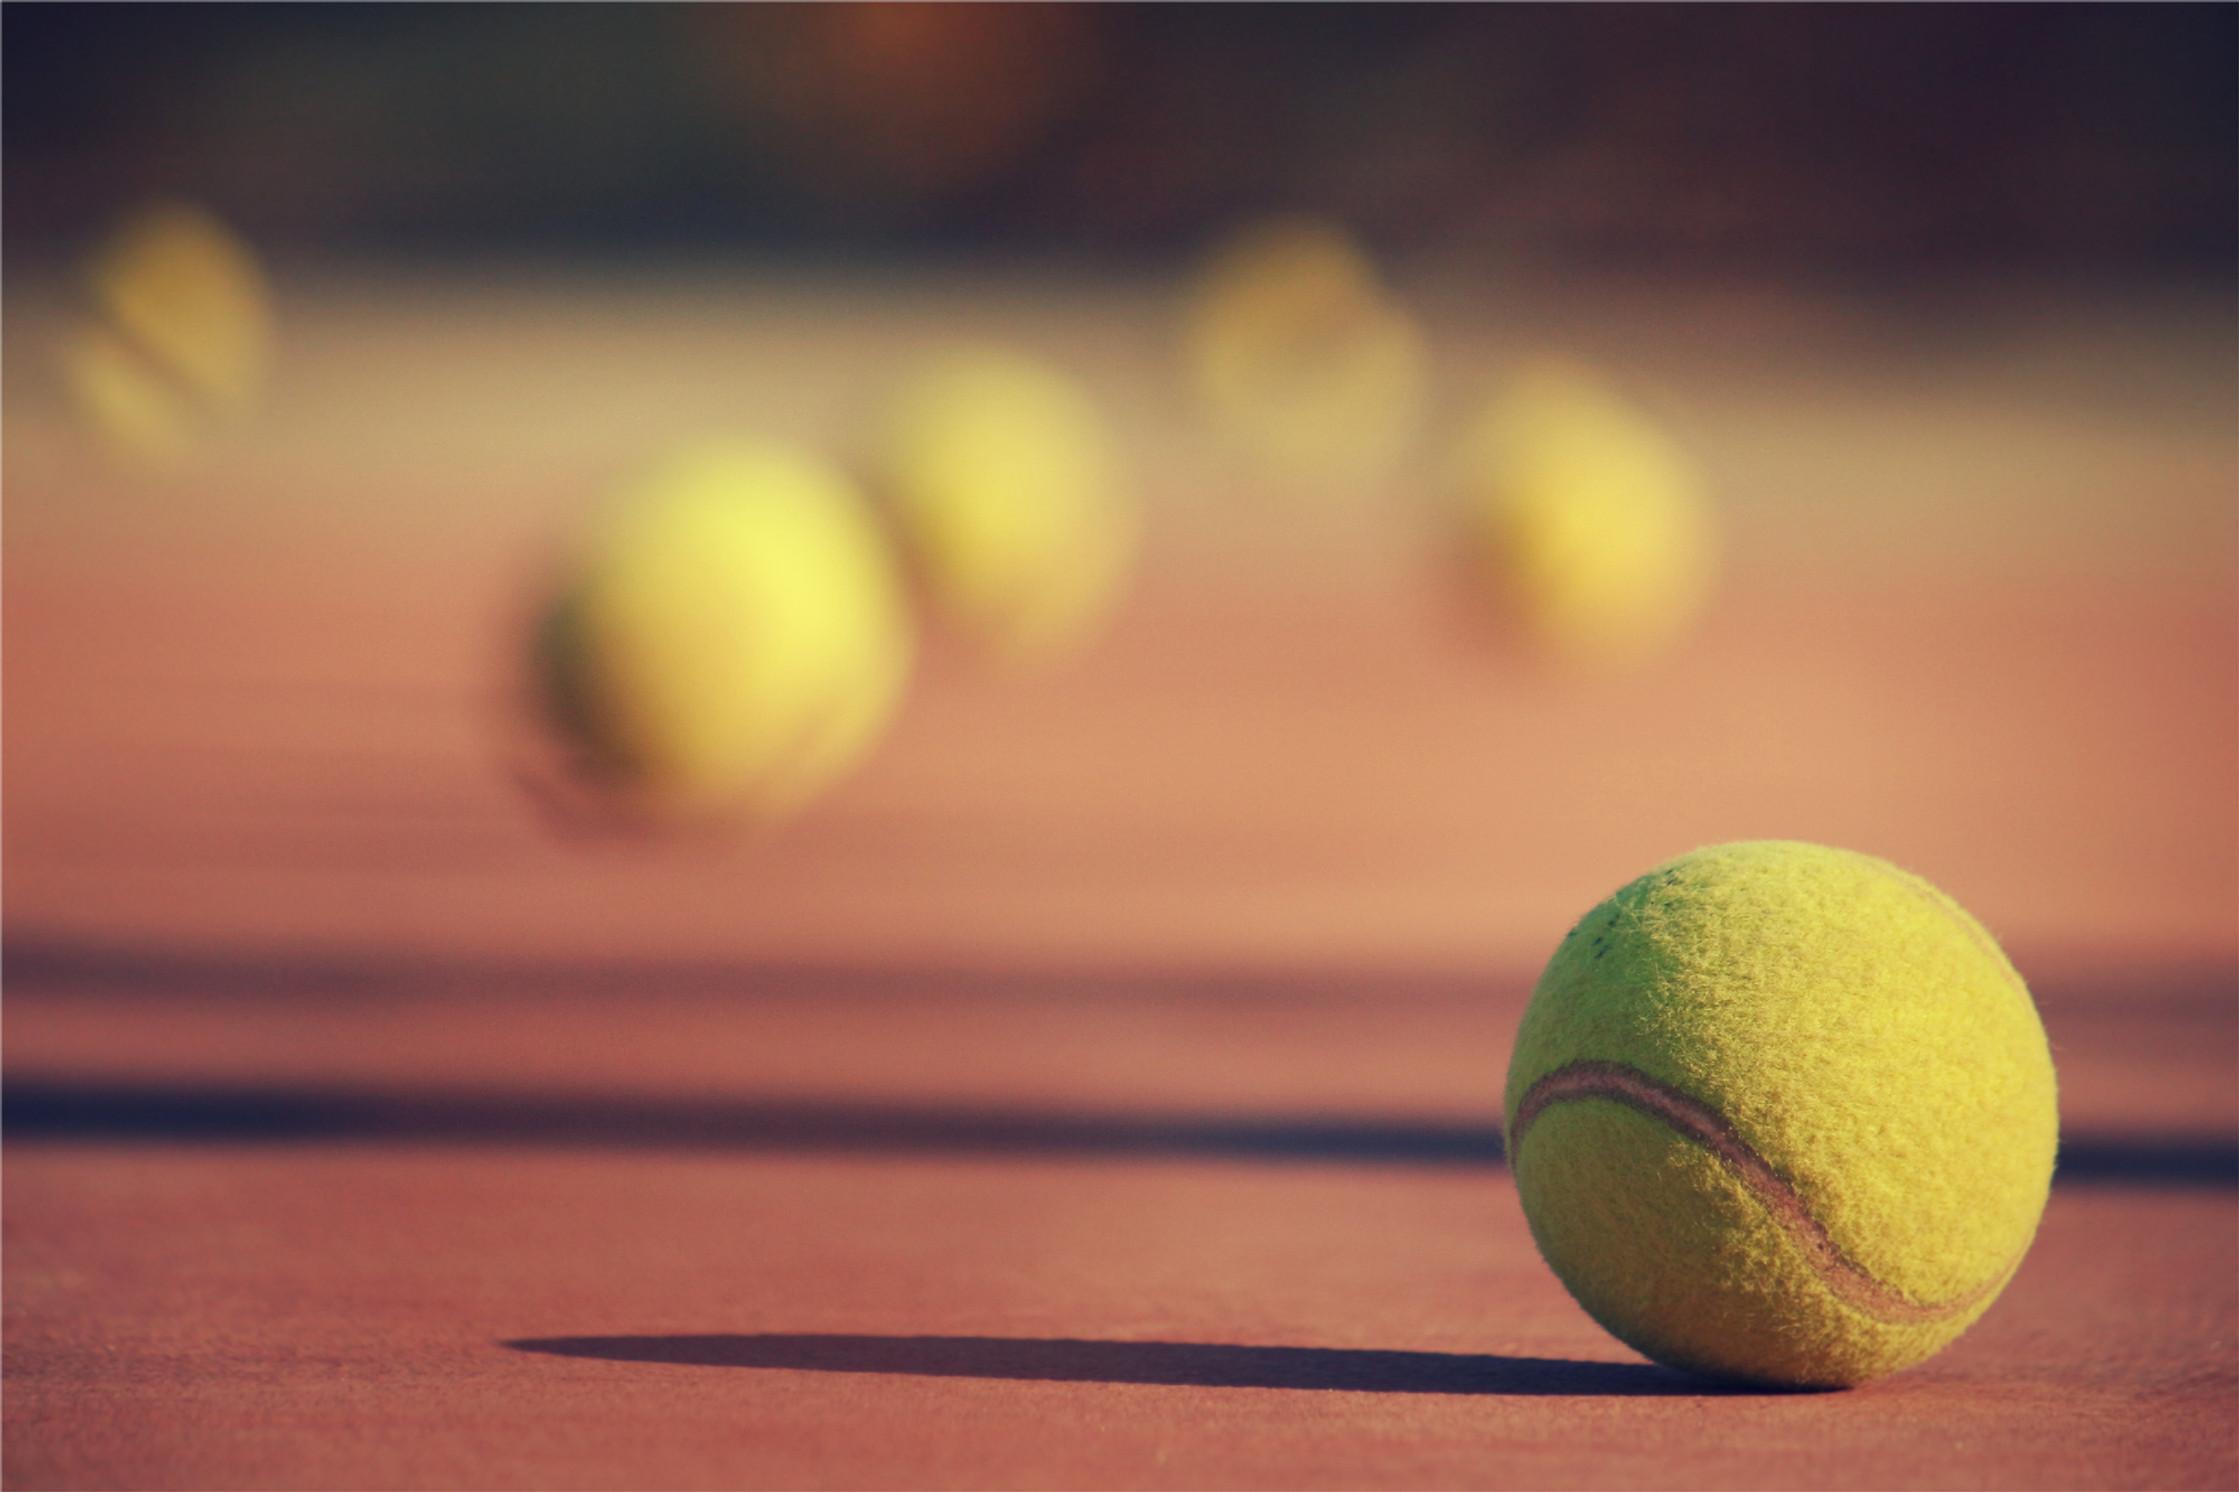 Beginner/Intermediate Tennis Clinics